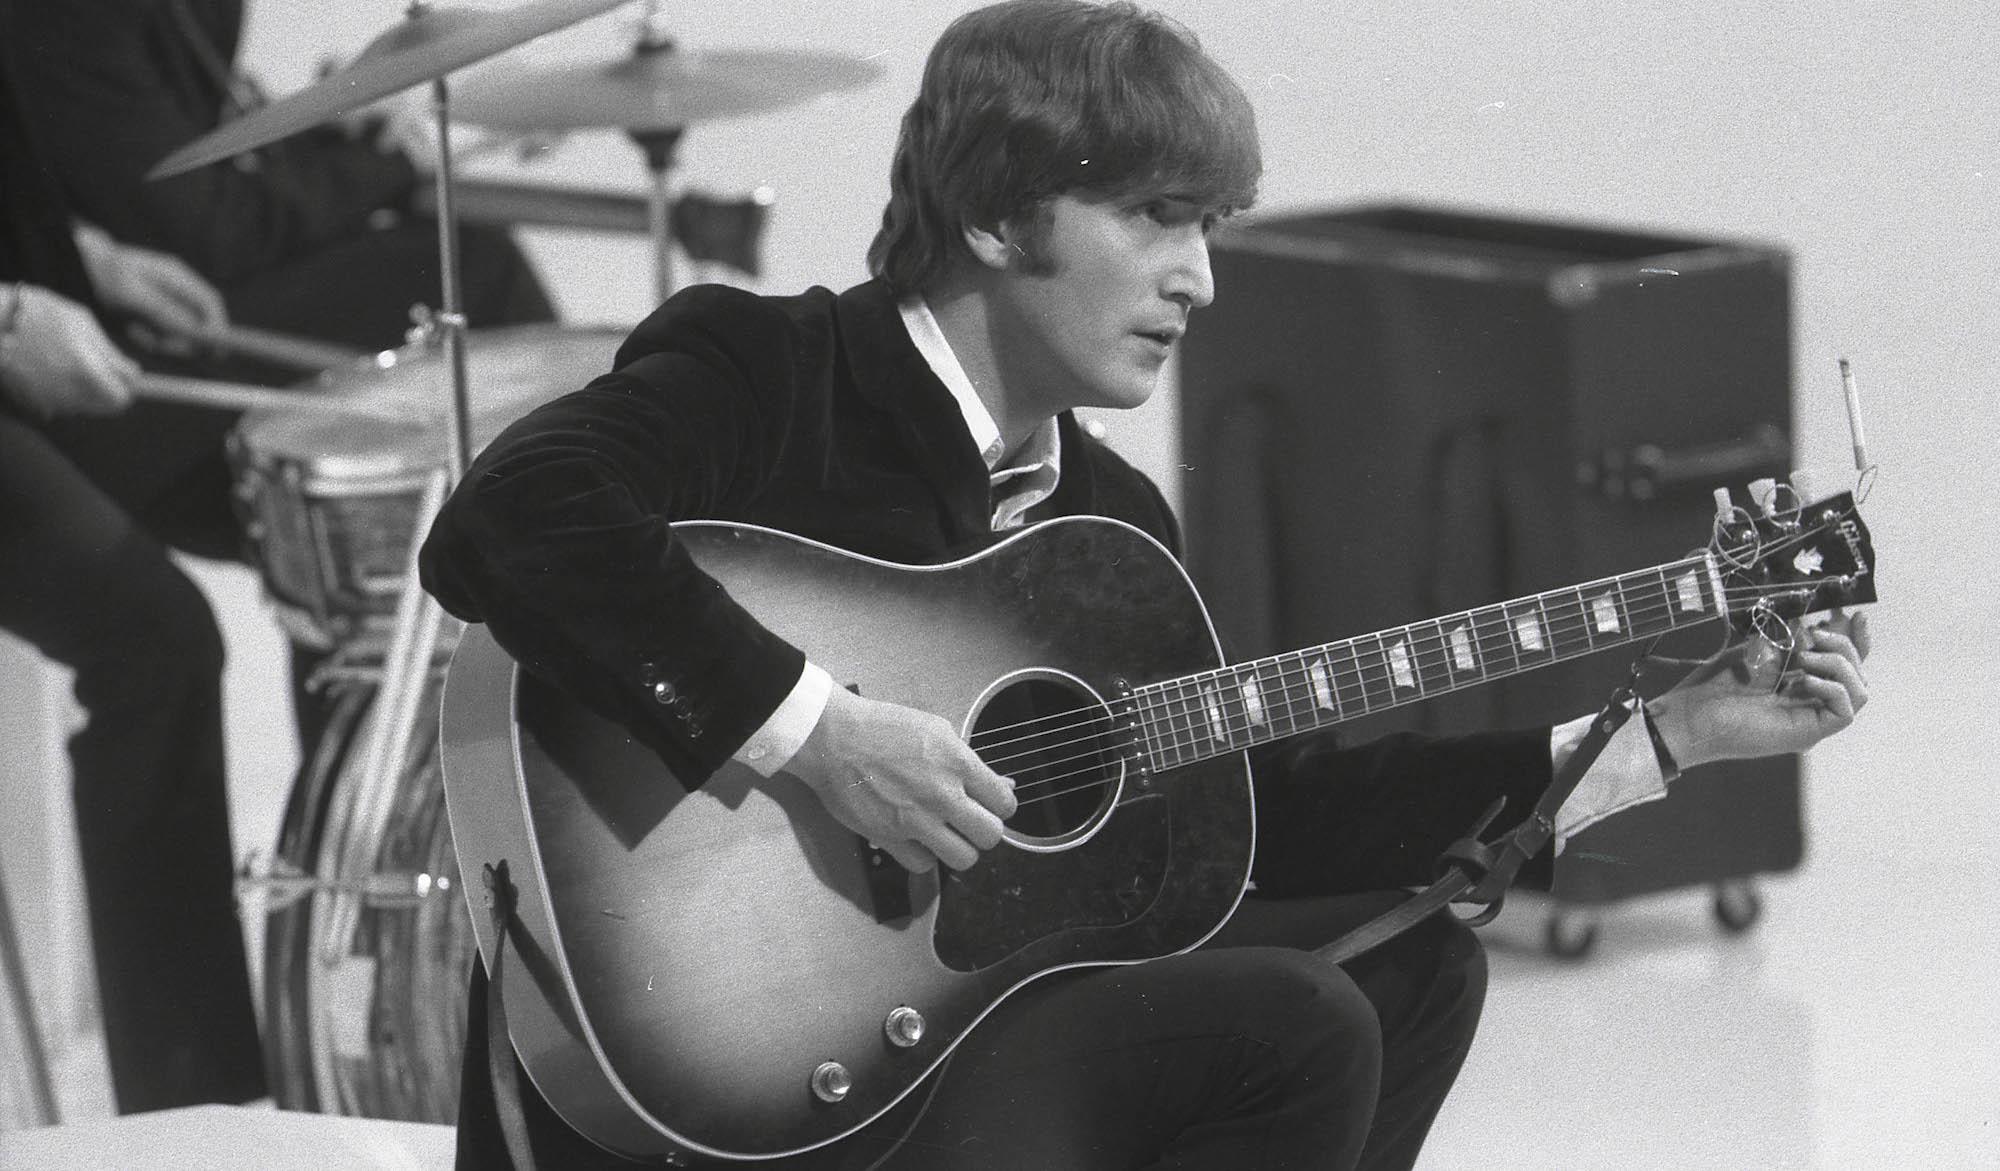 Explore John Lennon S Acoustic Guitar Technique With The Beatles Guitar World